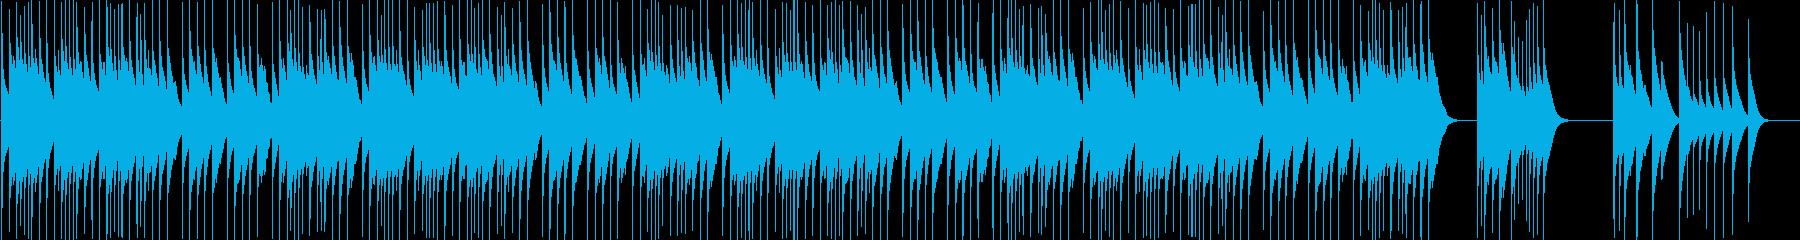 【オルゴール】クリスマス曲Wewish2の再生済みの波形